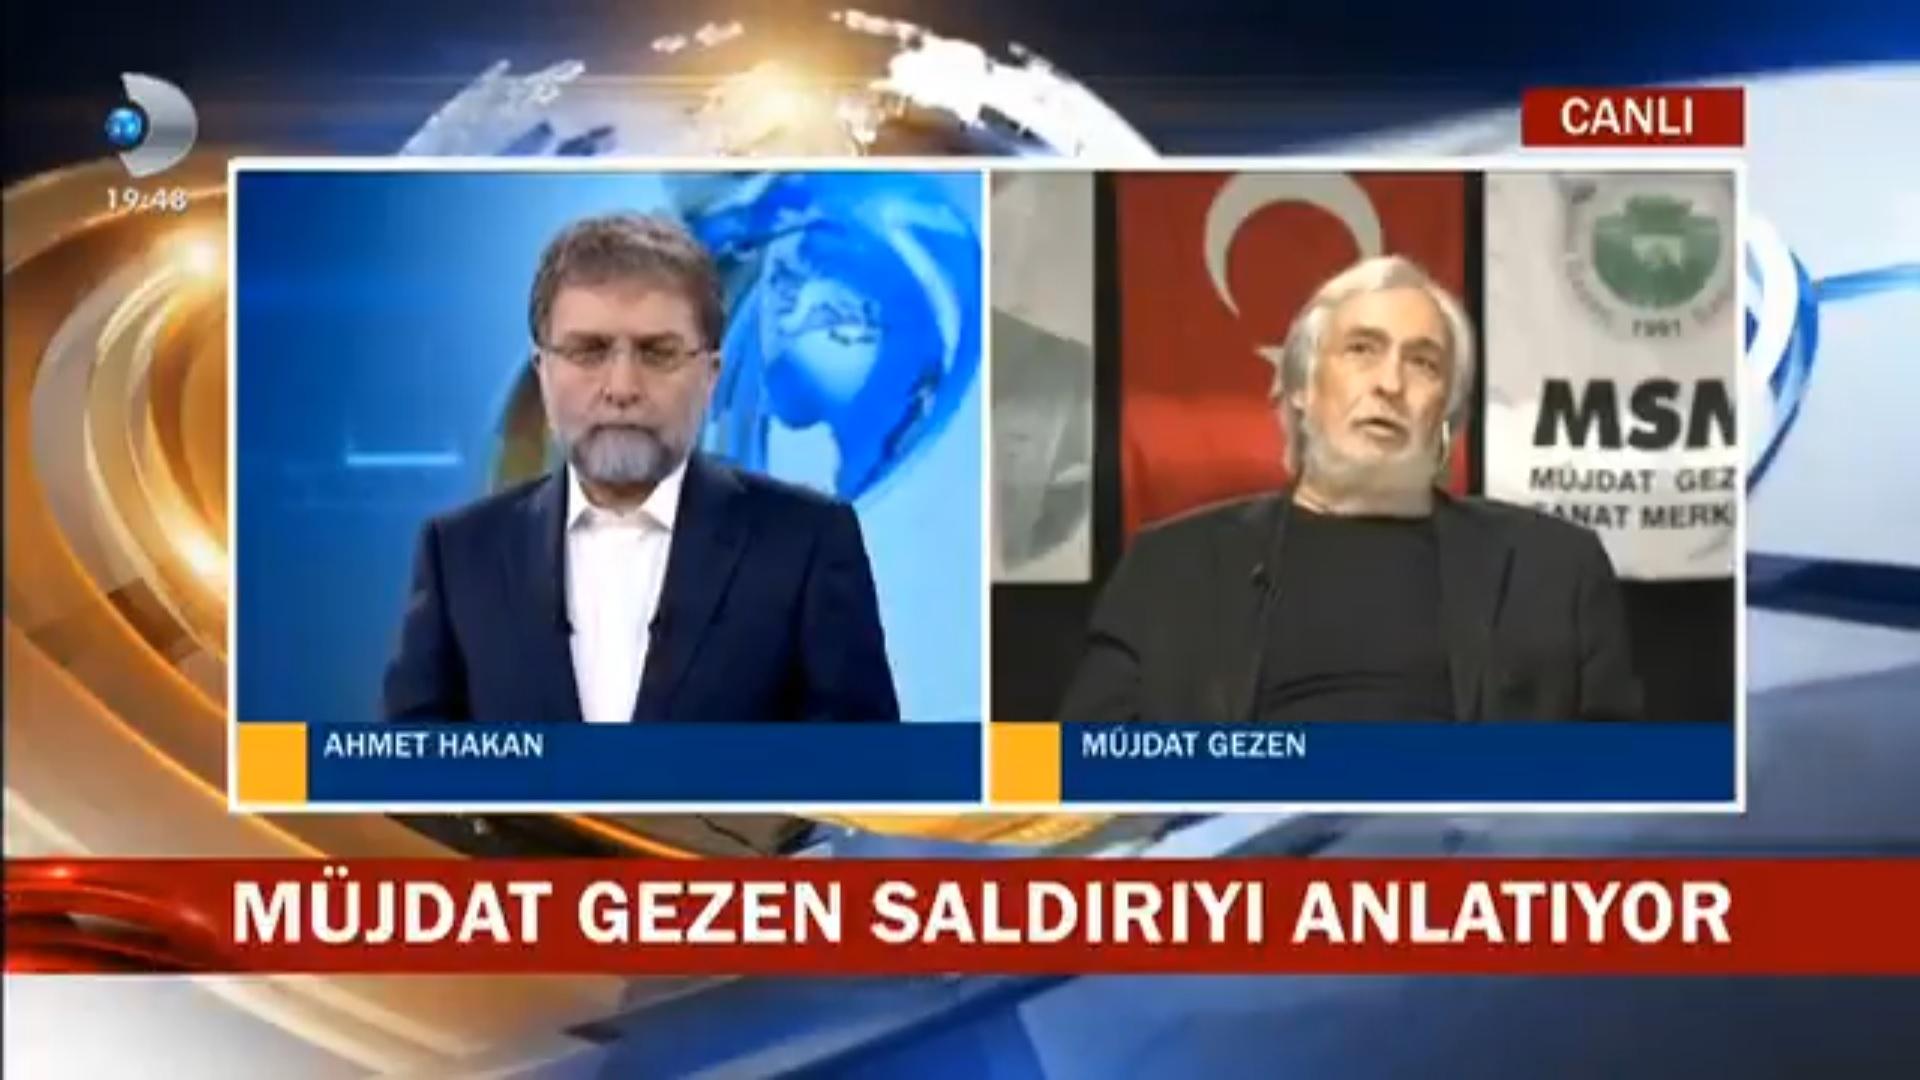 VİDEO | Müjdat Gezen'den canlı yayında 'ters köşe':